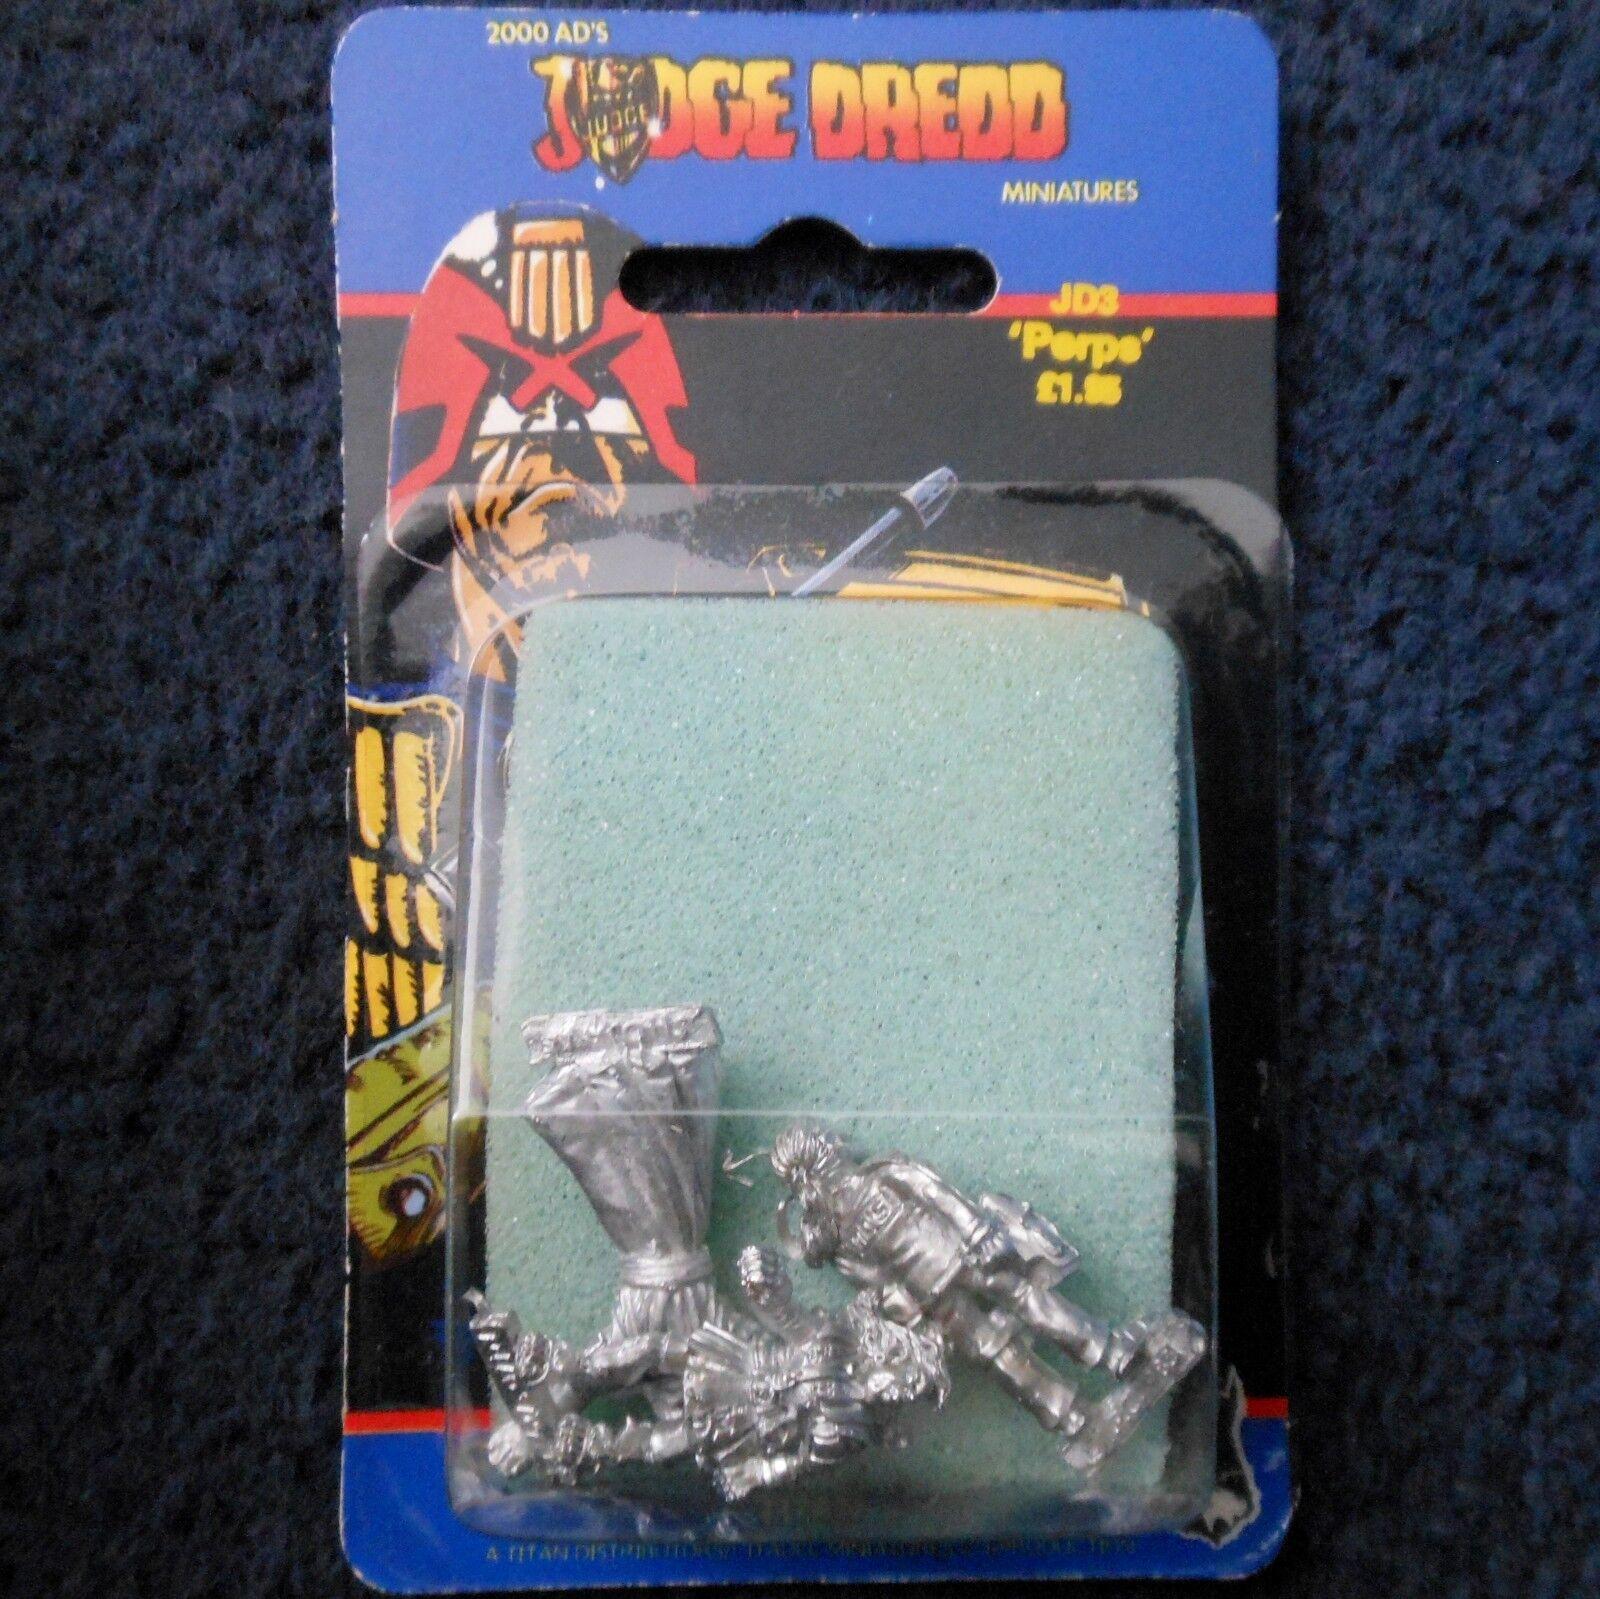 1985 GIUDICE DREDD JD3 colpevoli shojan Games Workshop Yamagata 2000 D.C. JUVE FUMETTO Nuovo di zecca con scatola